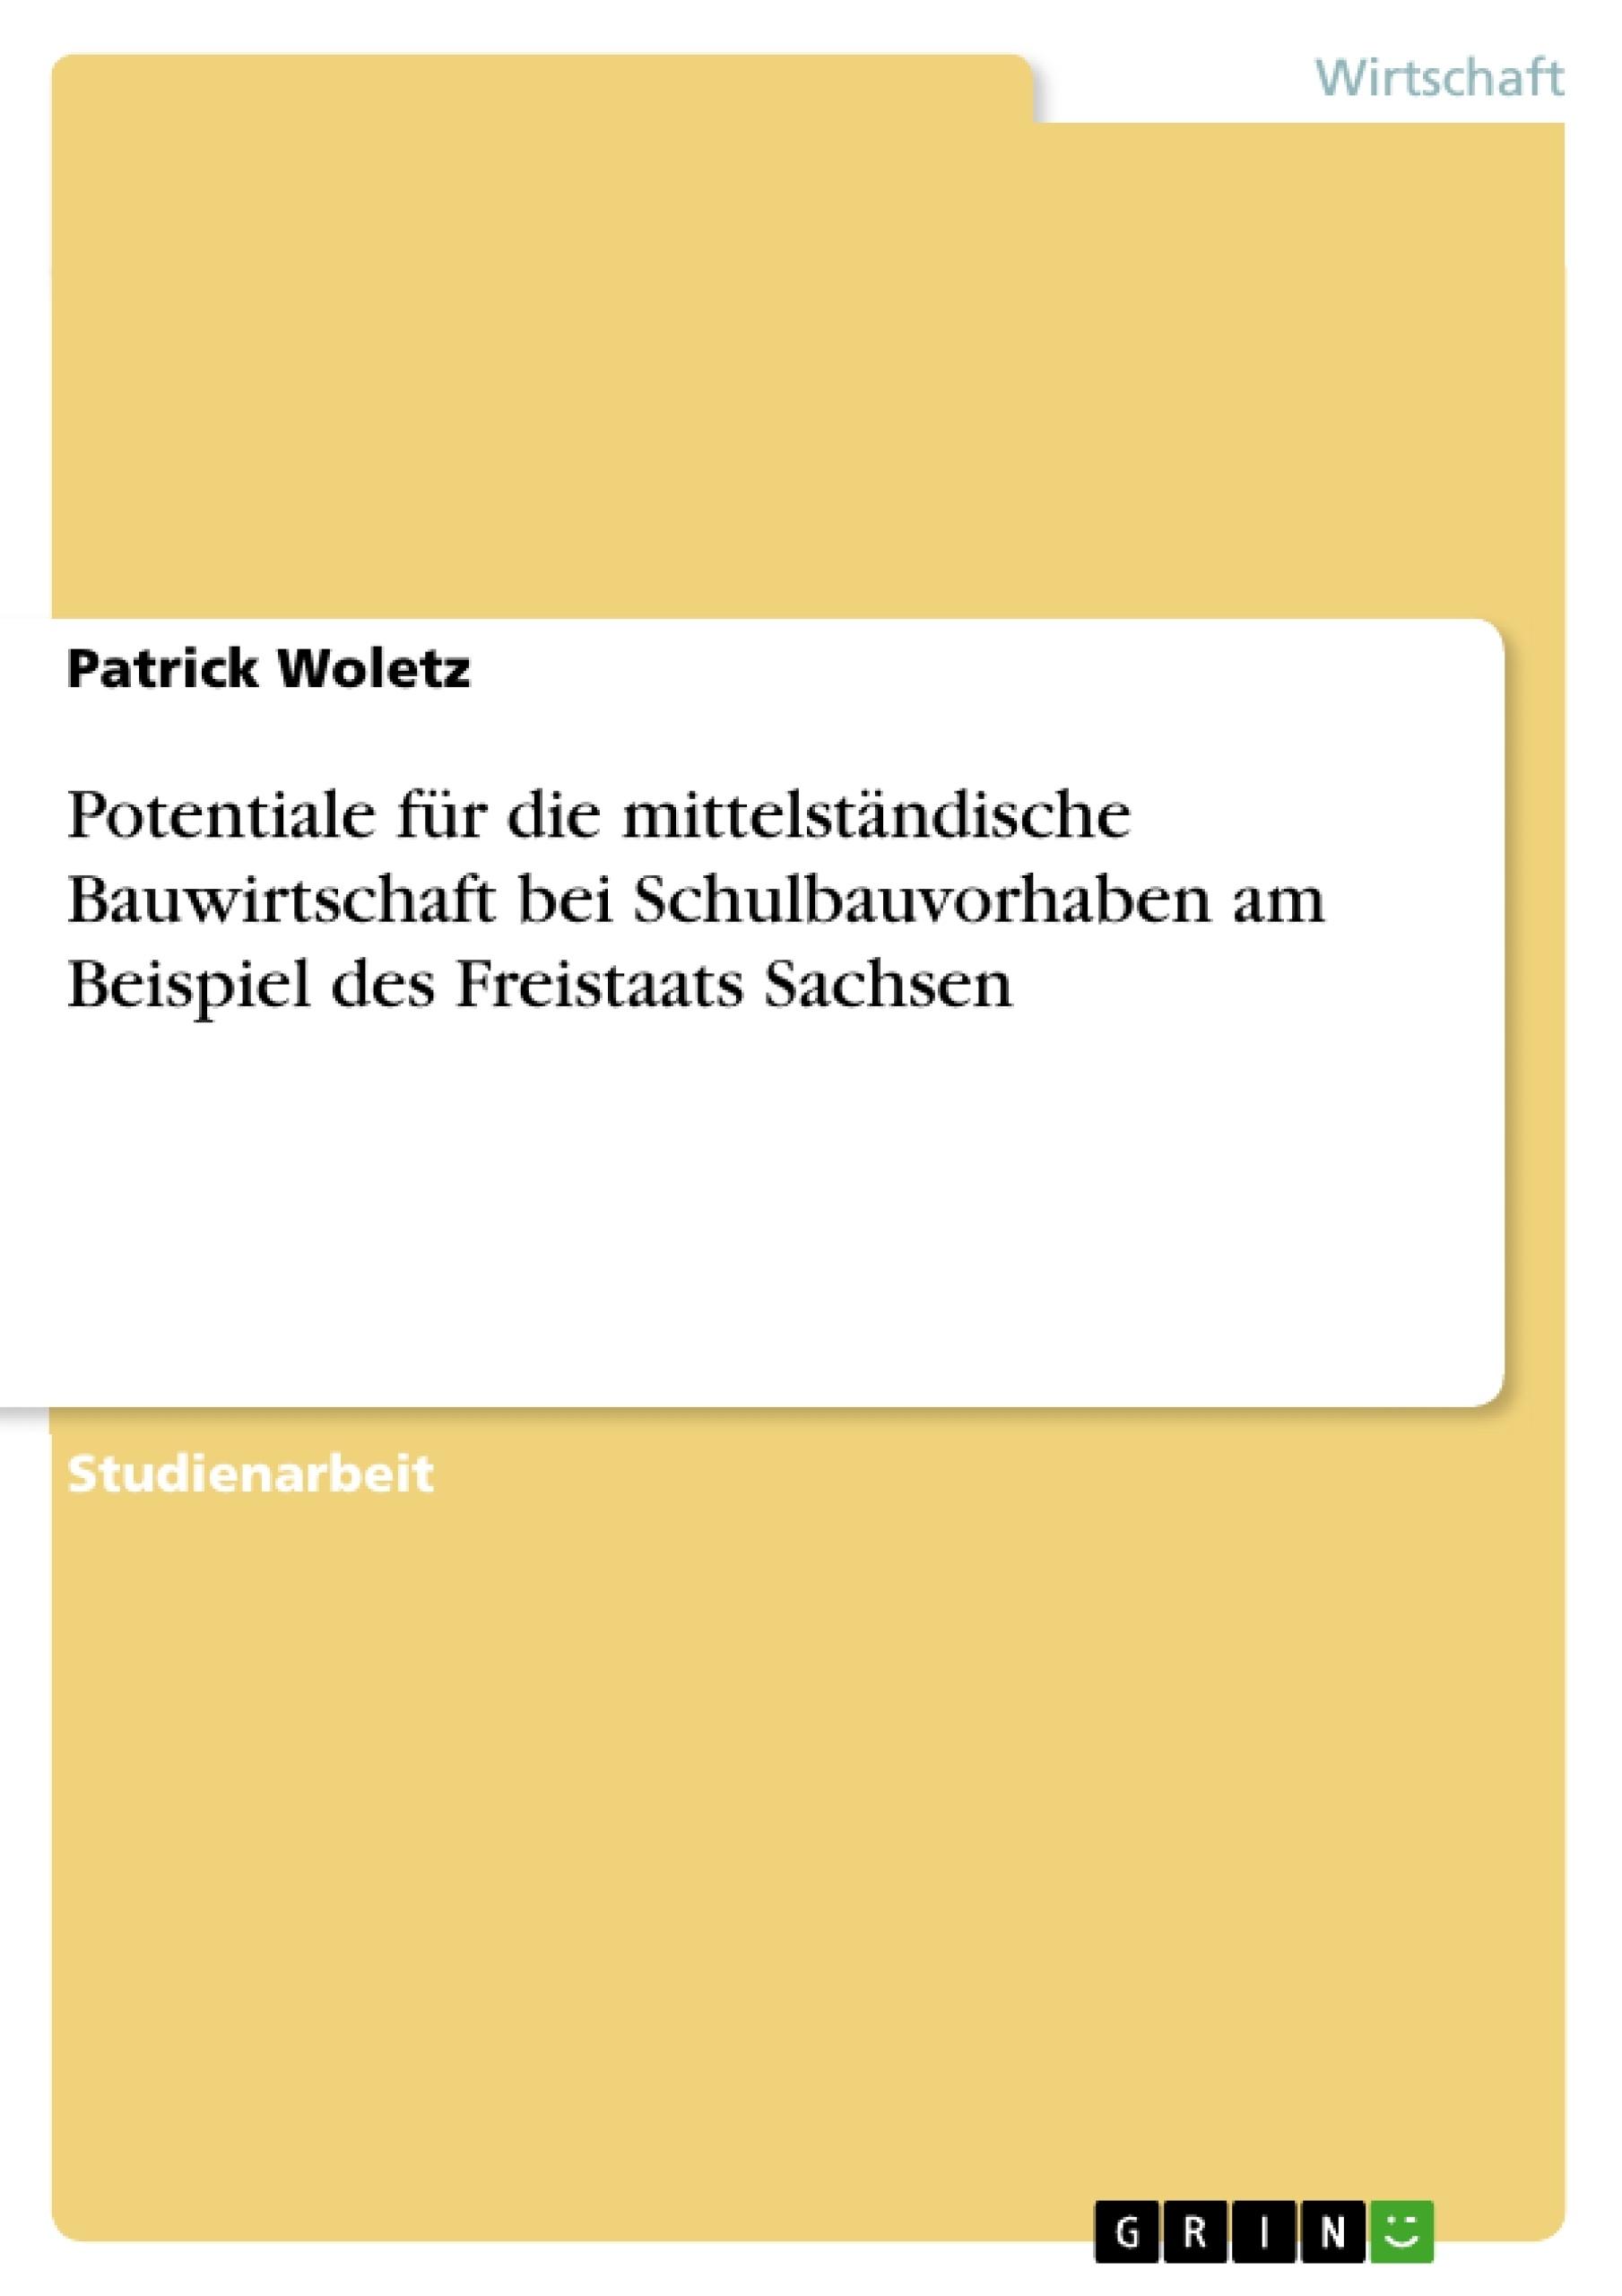 Titel: Potentiale für die mittelständische Bauwirtschaft bei Schulbauvorhaben am Beispiel des Freistaats Sachsen